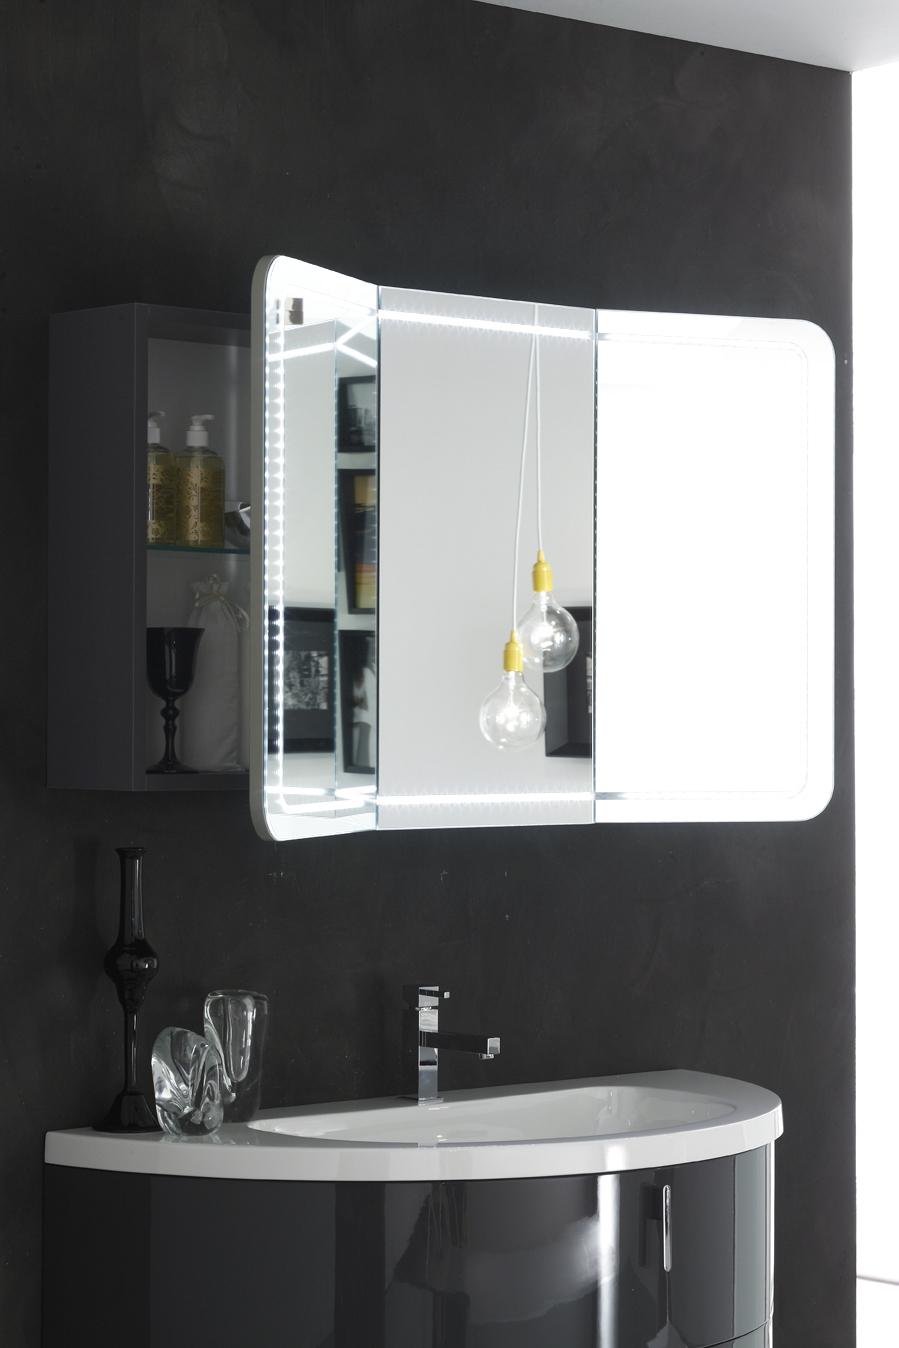 SPECCHIERA CONTENITORE - Lo specchio è un elemento funzionale e pratico, un concentrato di funzioni per dare all'arredo bagno tutto il comfort di cui hai bisogno.